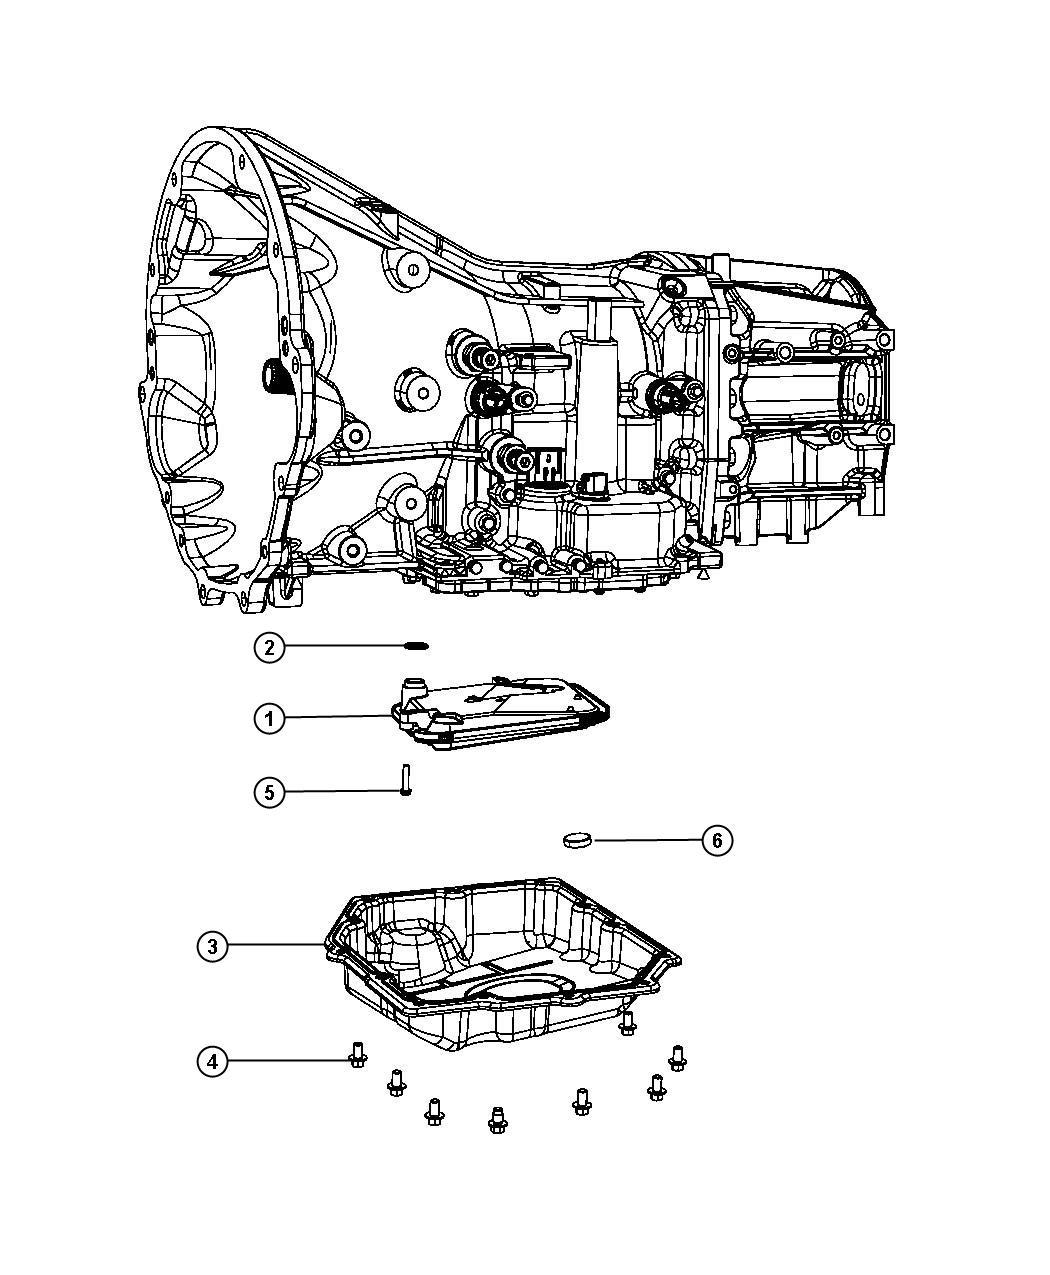 2010 Chrysler 300 Filter kit. Transmission oil. Use only